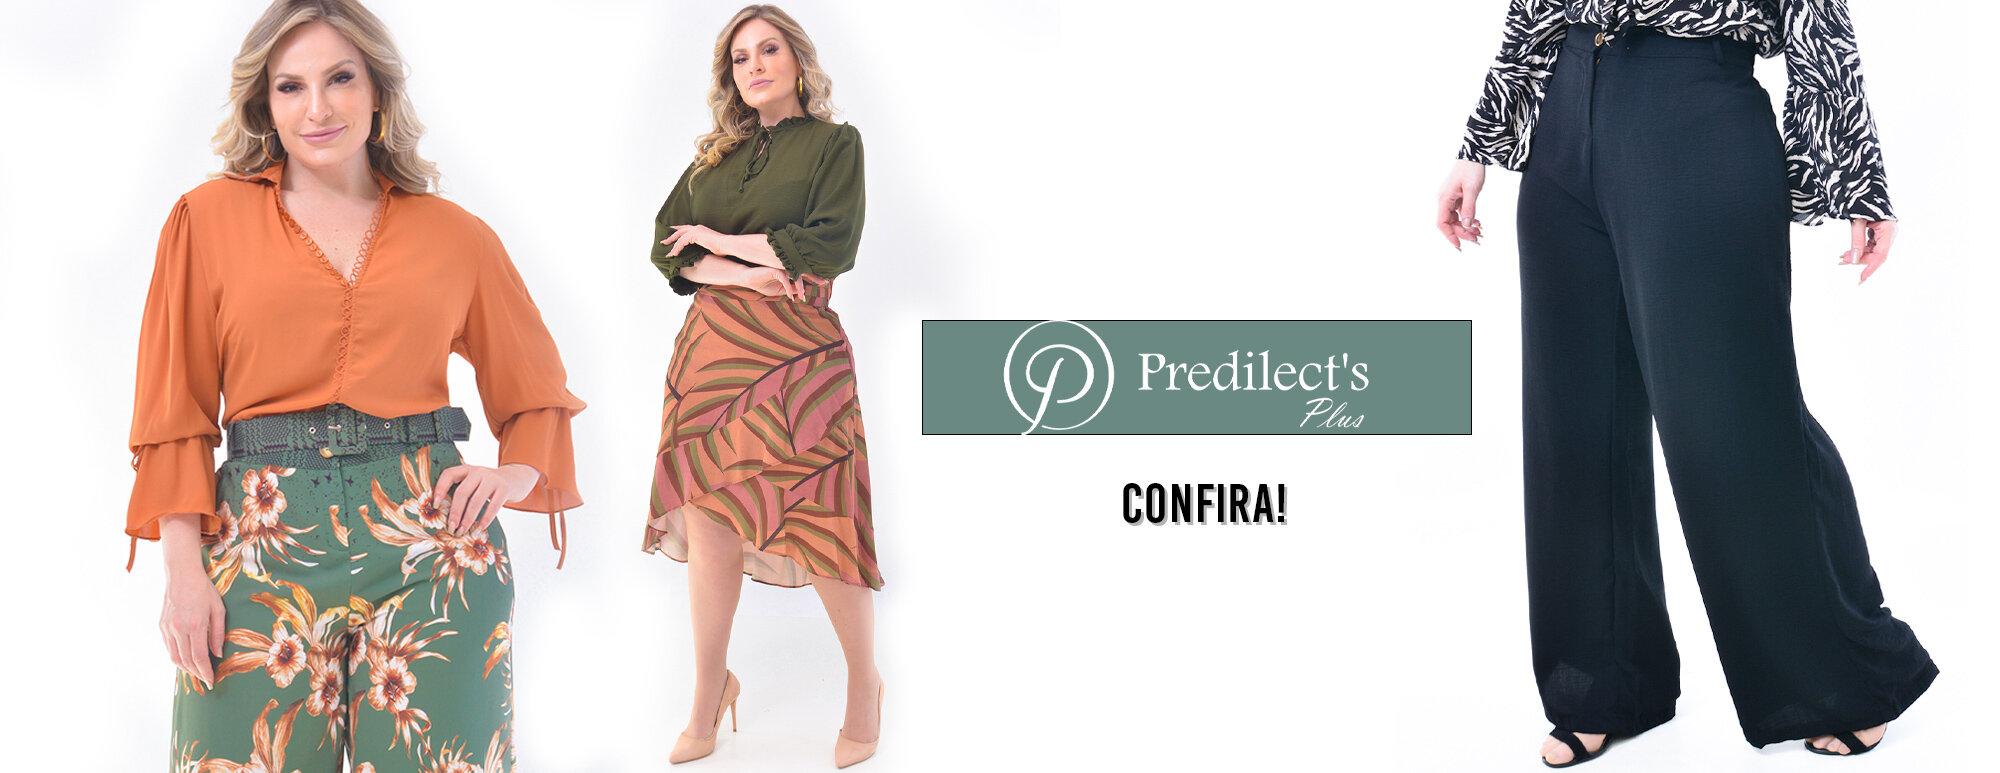 Predilect's